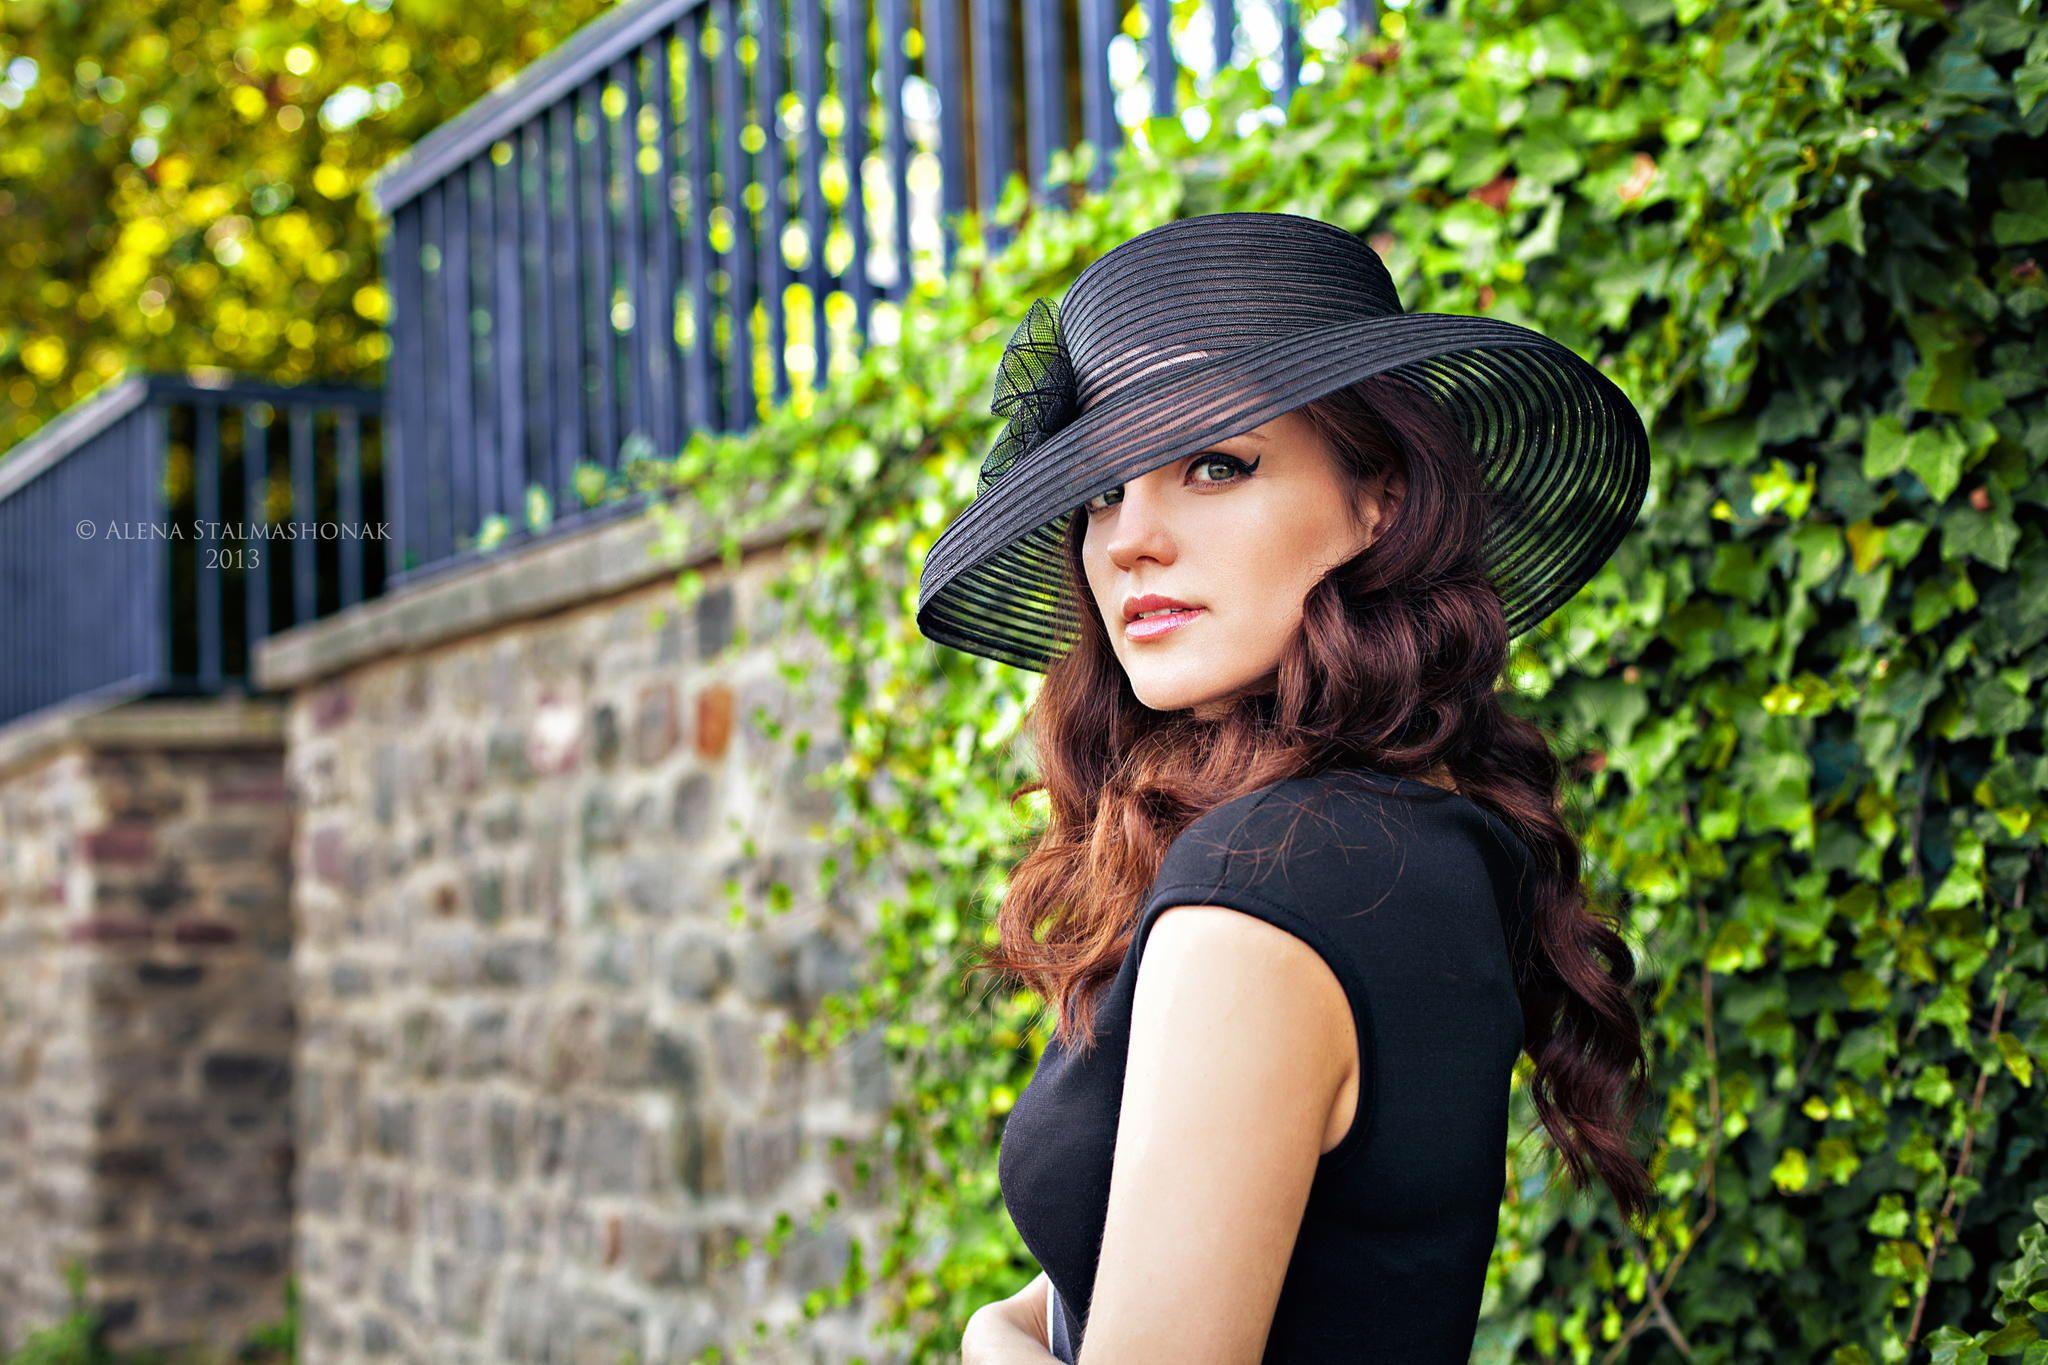 Elegance I by Alena Stalmashonak on 500px